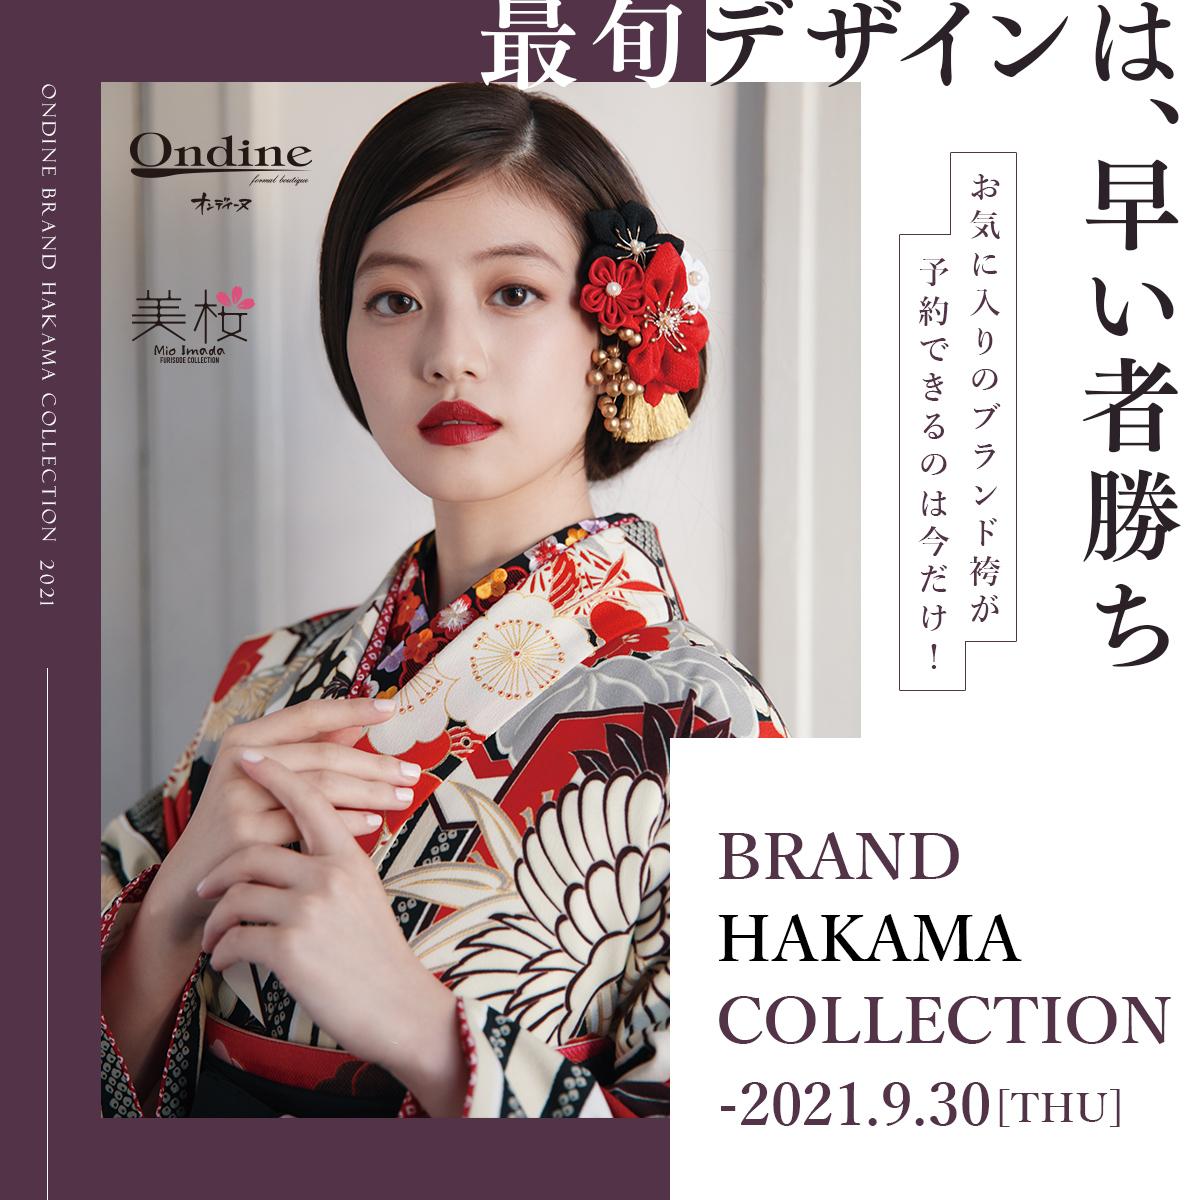 【福岡天神店】BRAND HAKAMA COLLECTION開催!